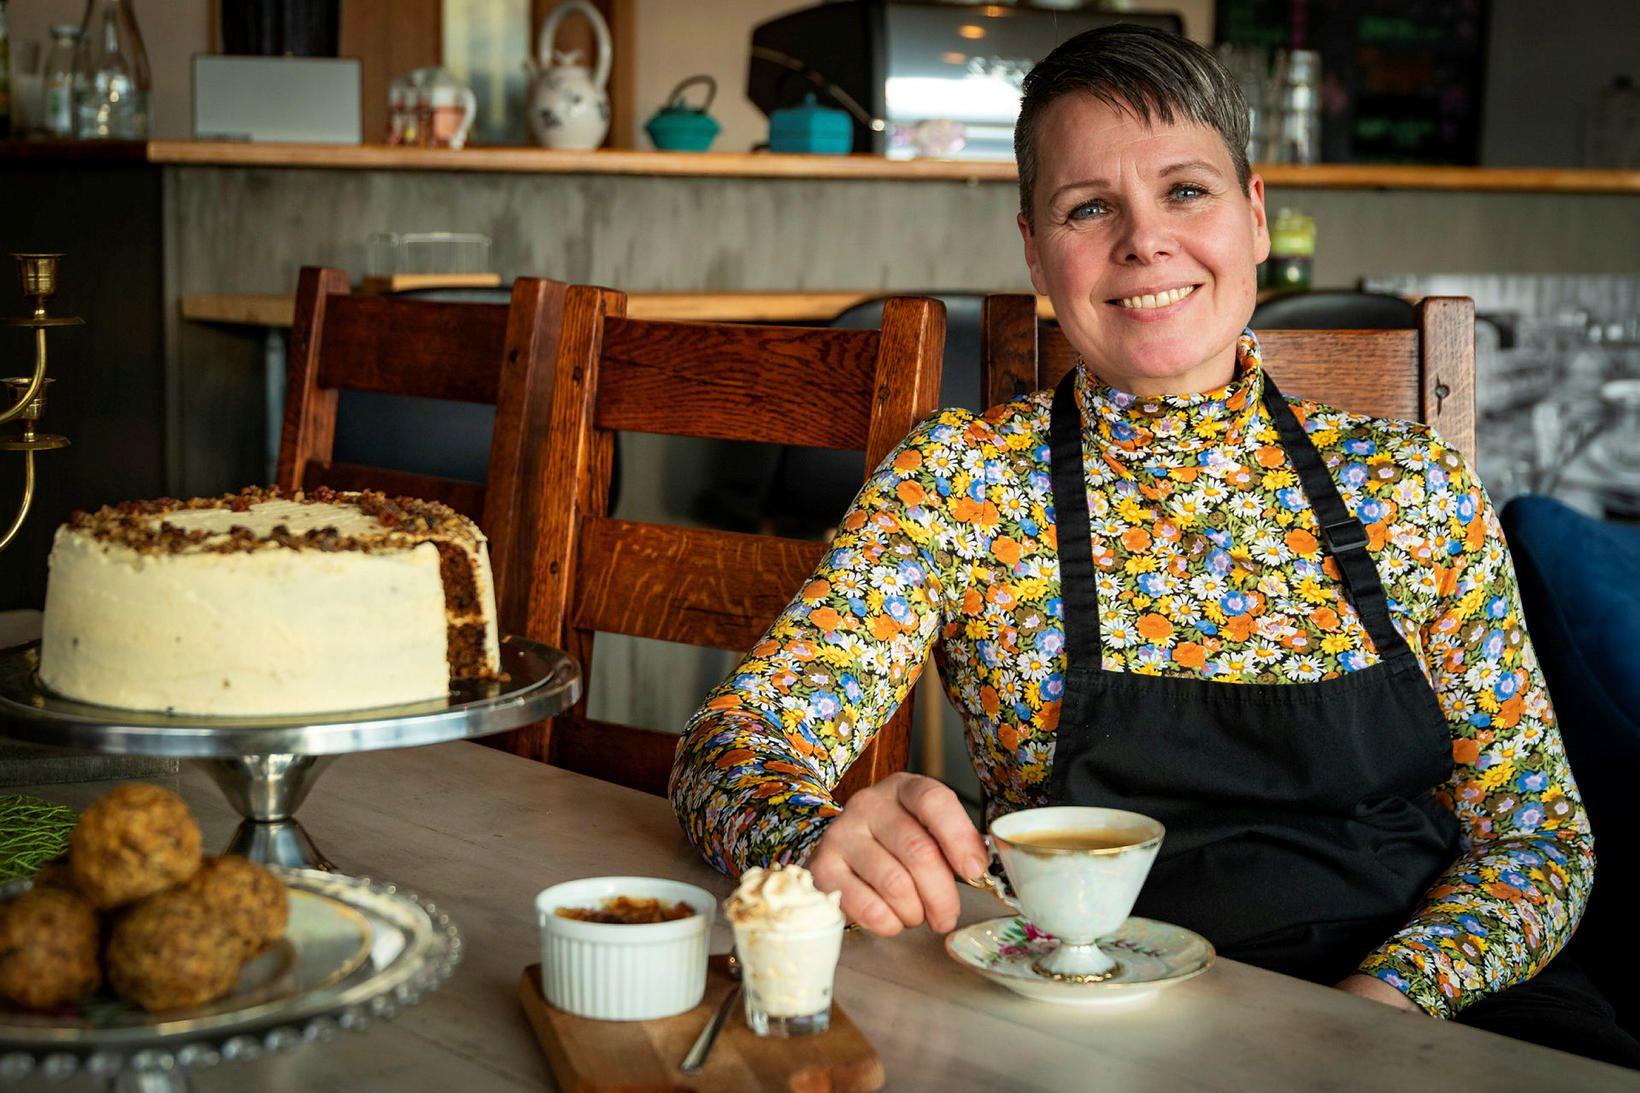 Karen Jónsdóttir eða Kaja eins og hún er jafnan kölluð.